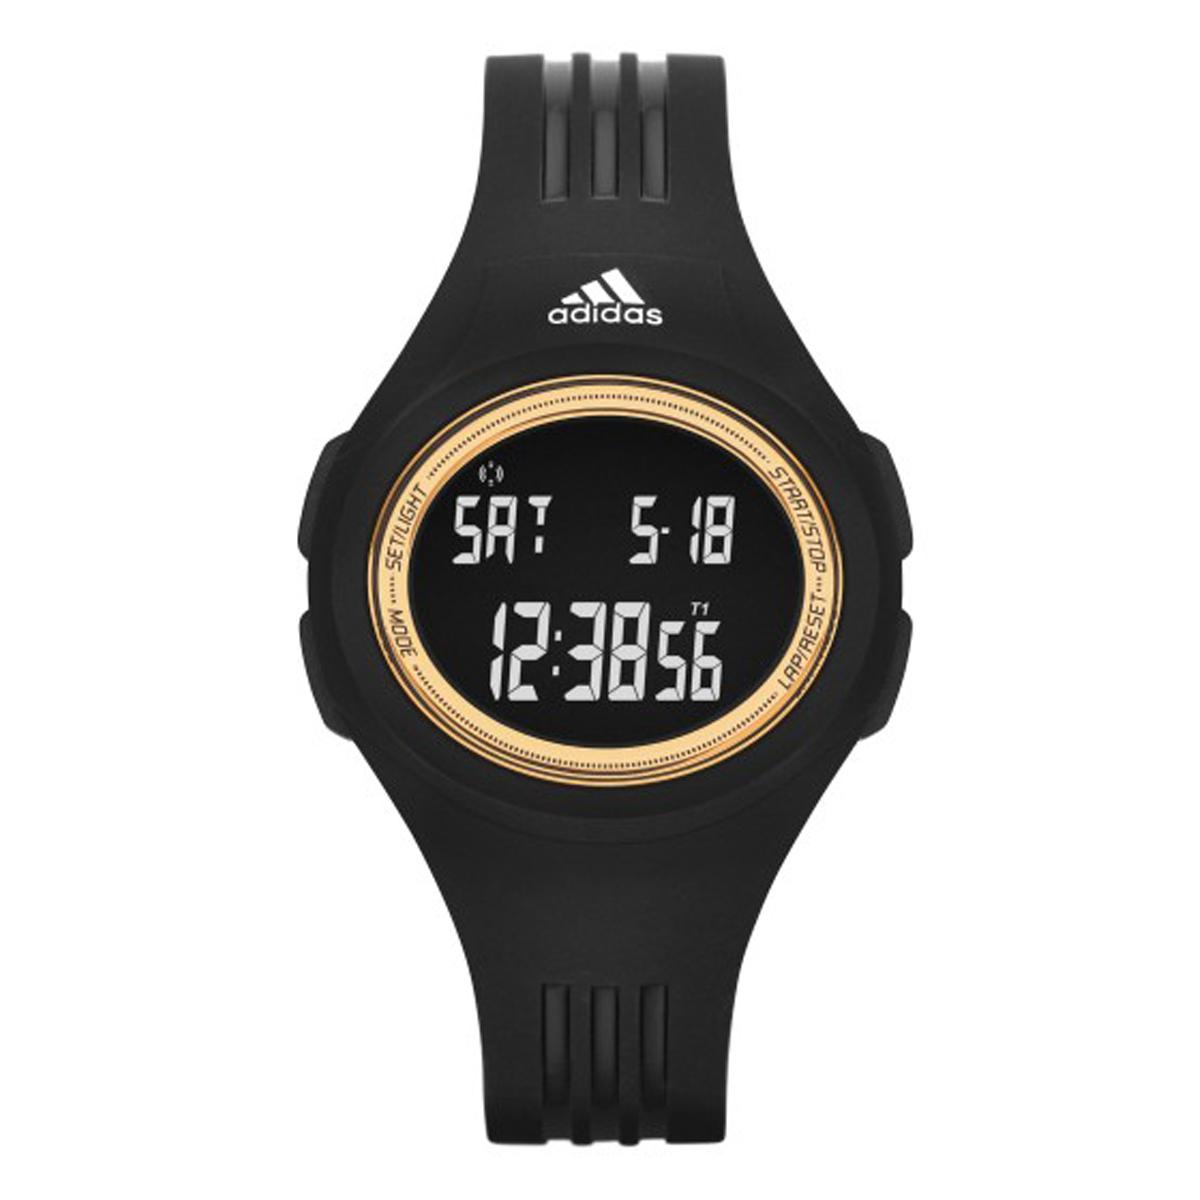 นาฬิกาผู้ชาย Adidas รุ่น ADP3158